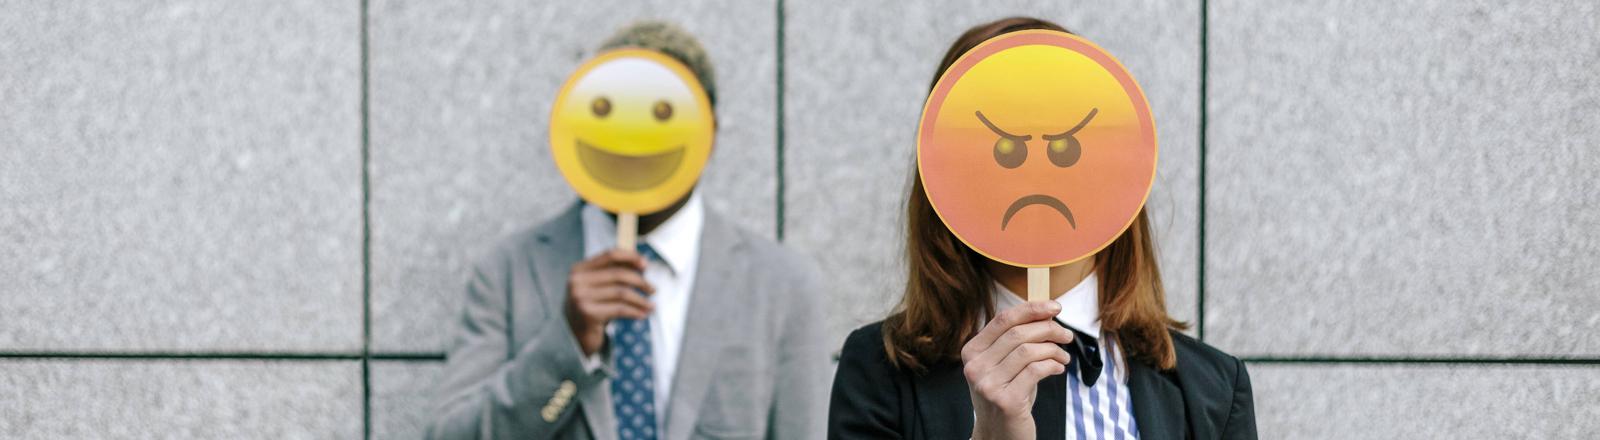 Frau und Mann halten Emoji-Schilder vor ihre Gesichter